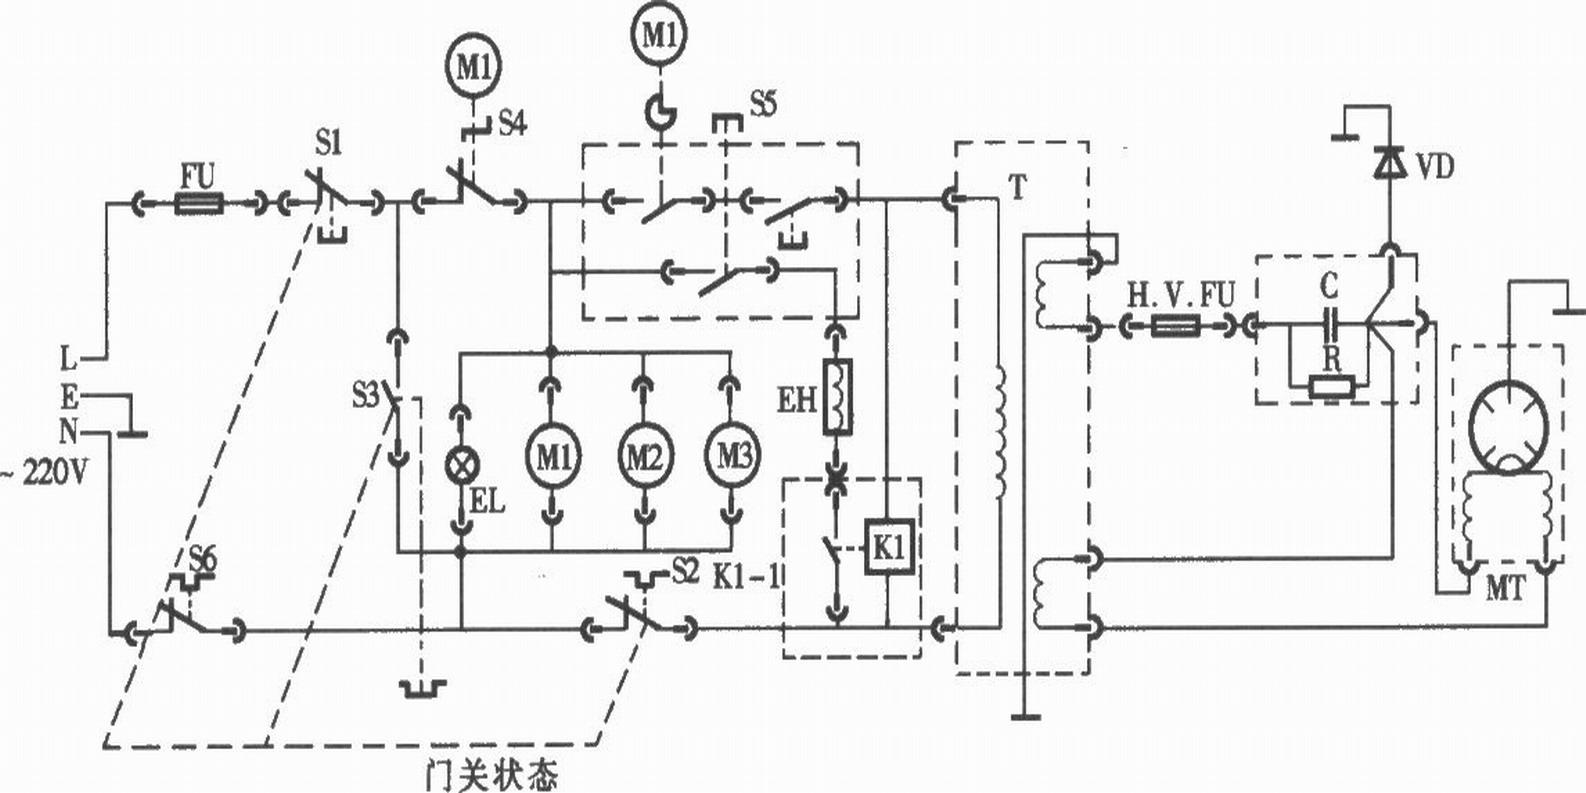 给你看个微波炉的基本电路图